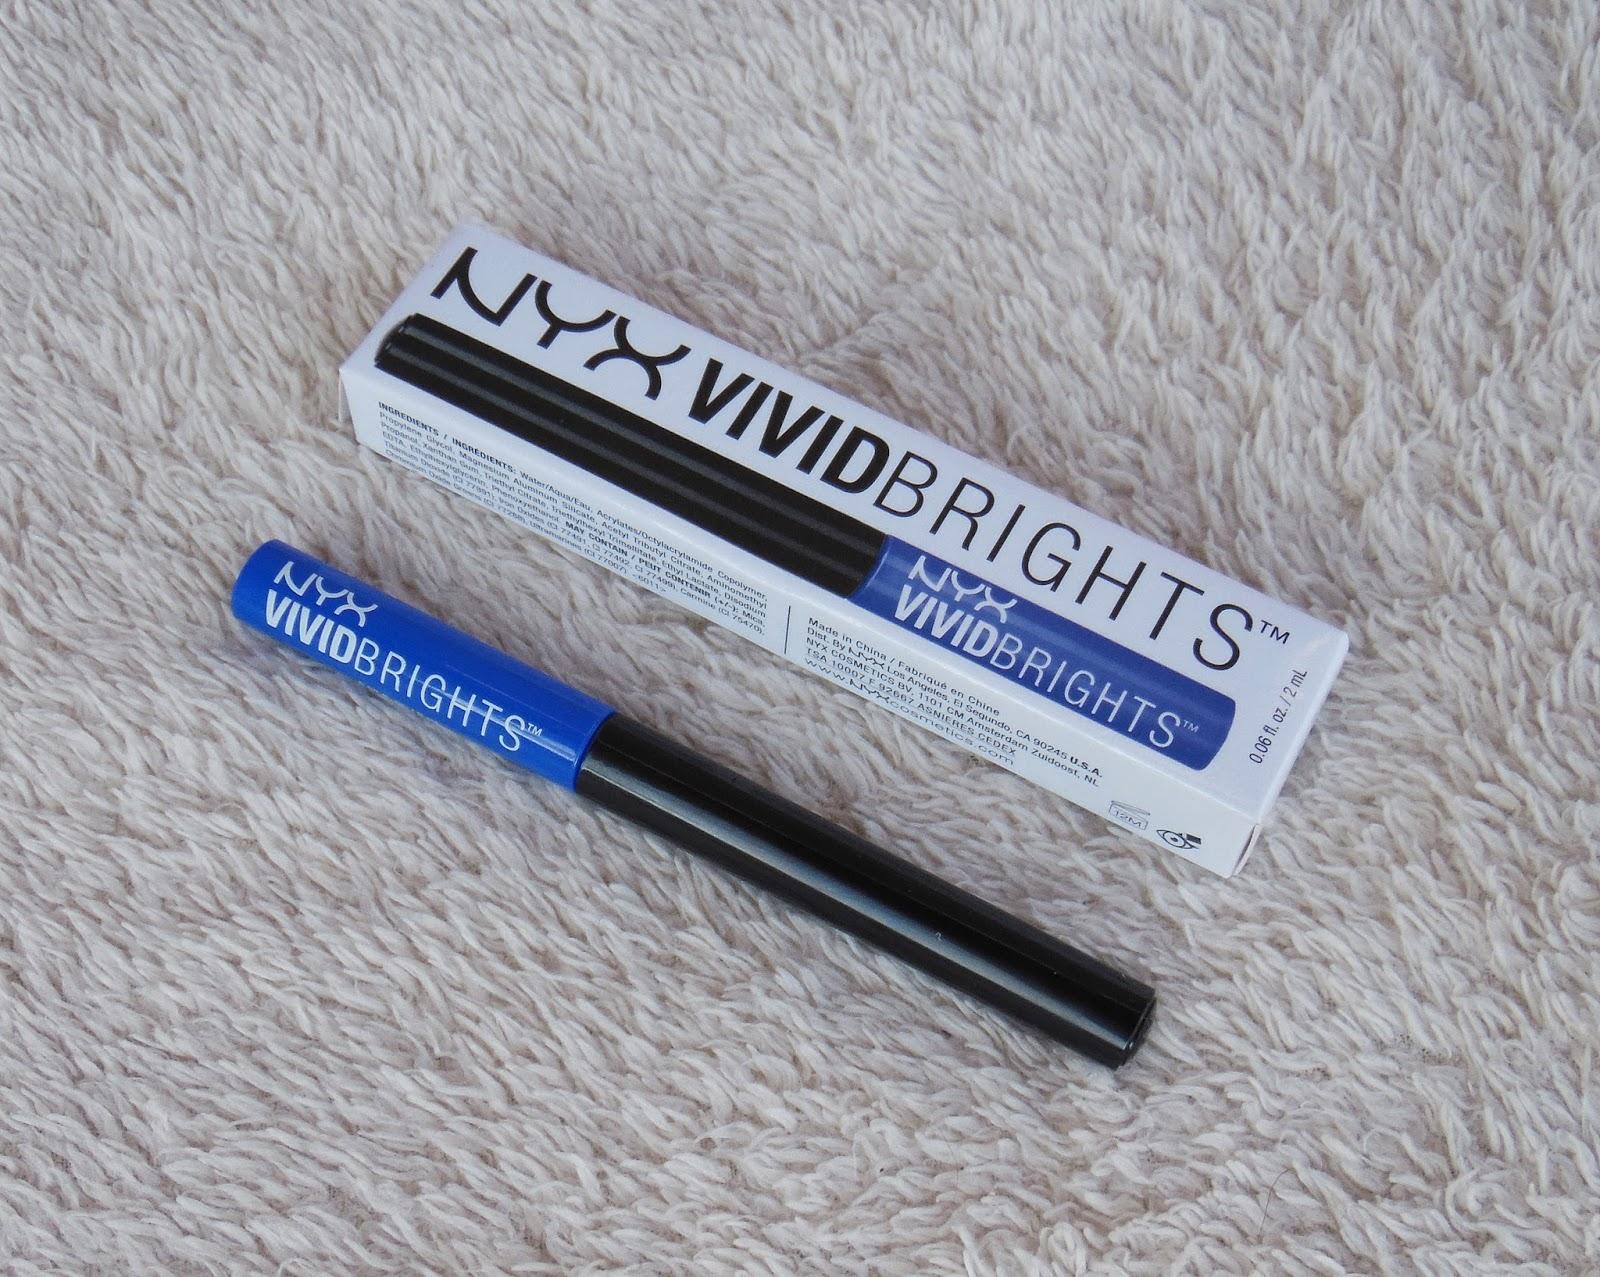 NYX Vivid Brights Vivid Sapphire